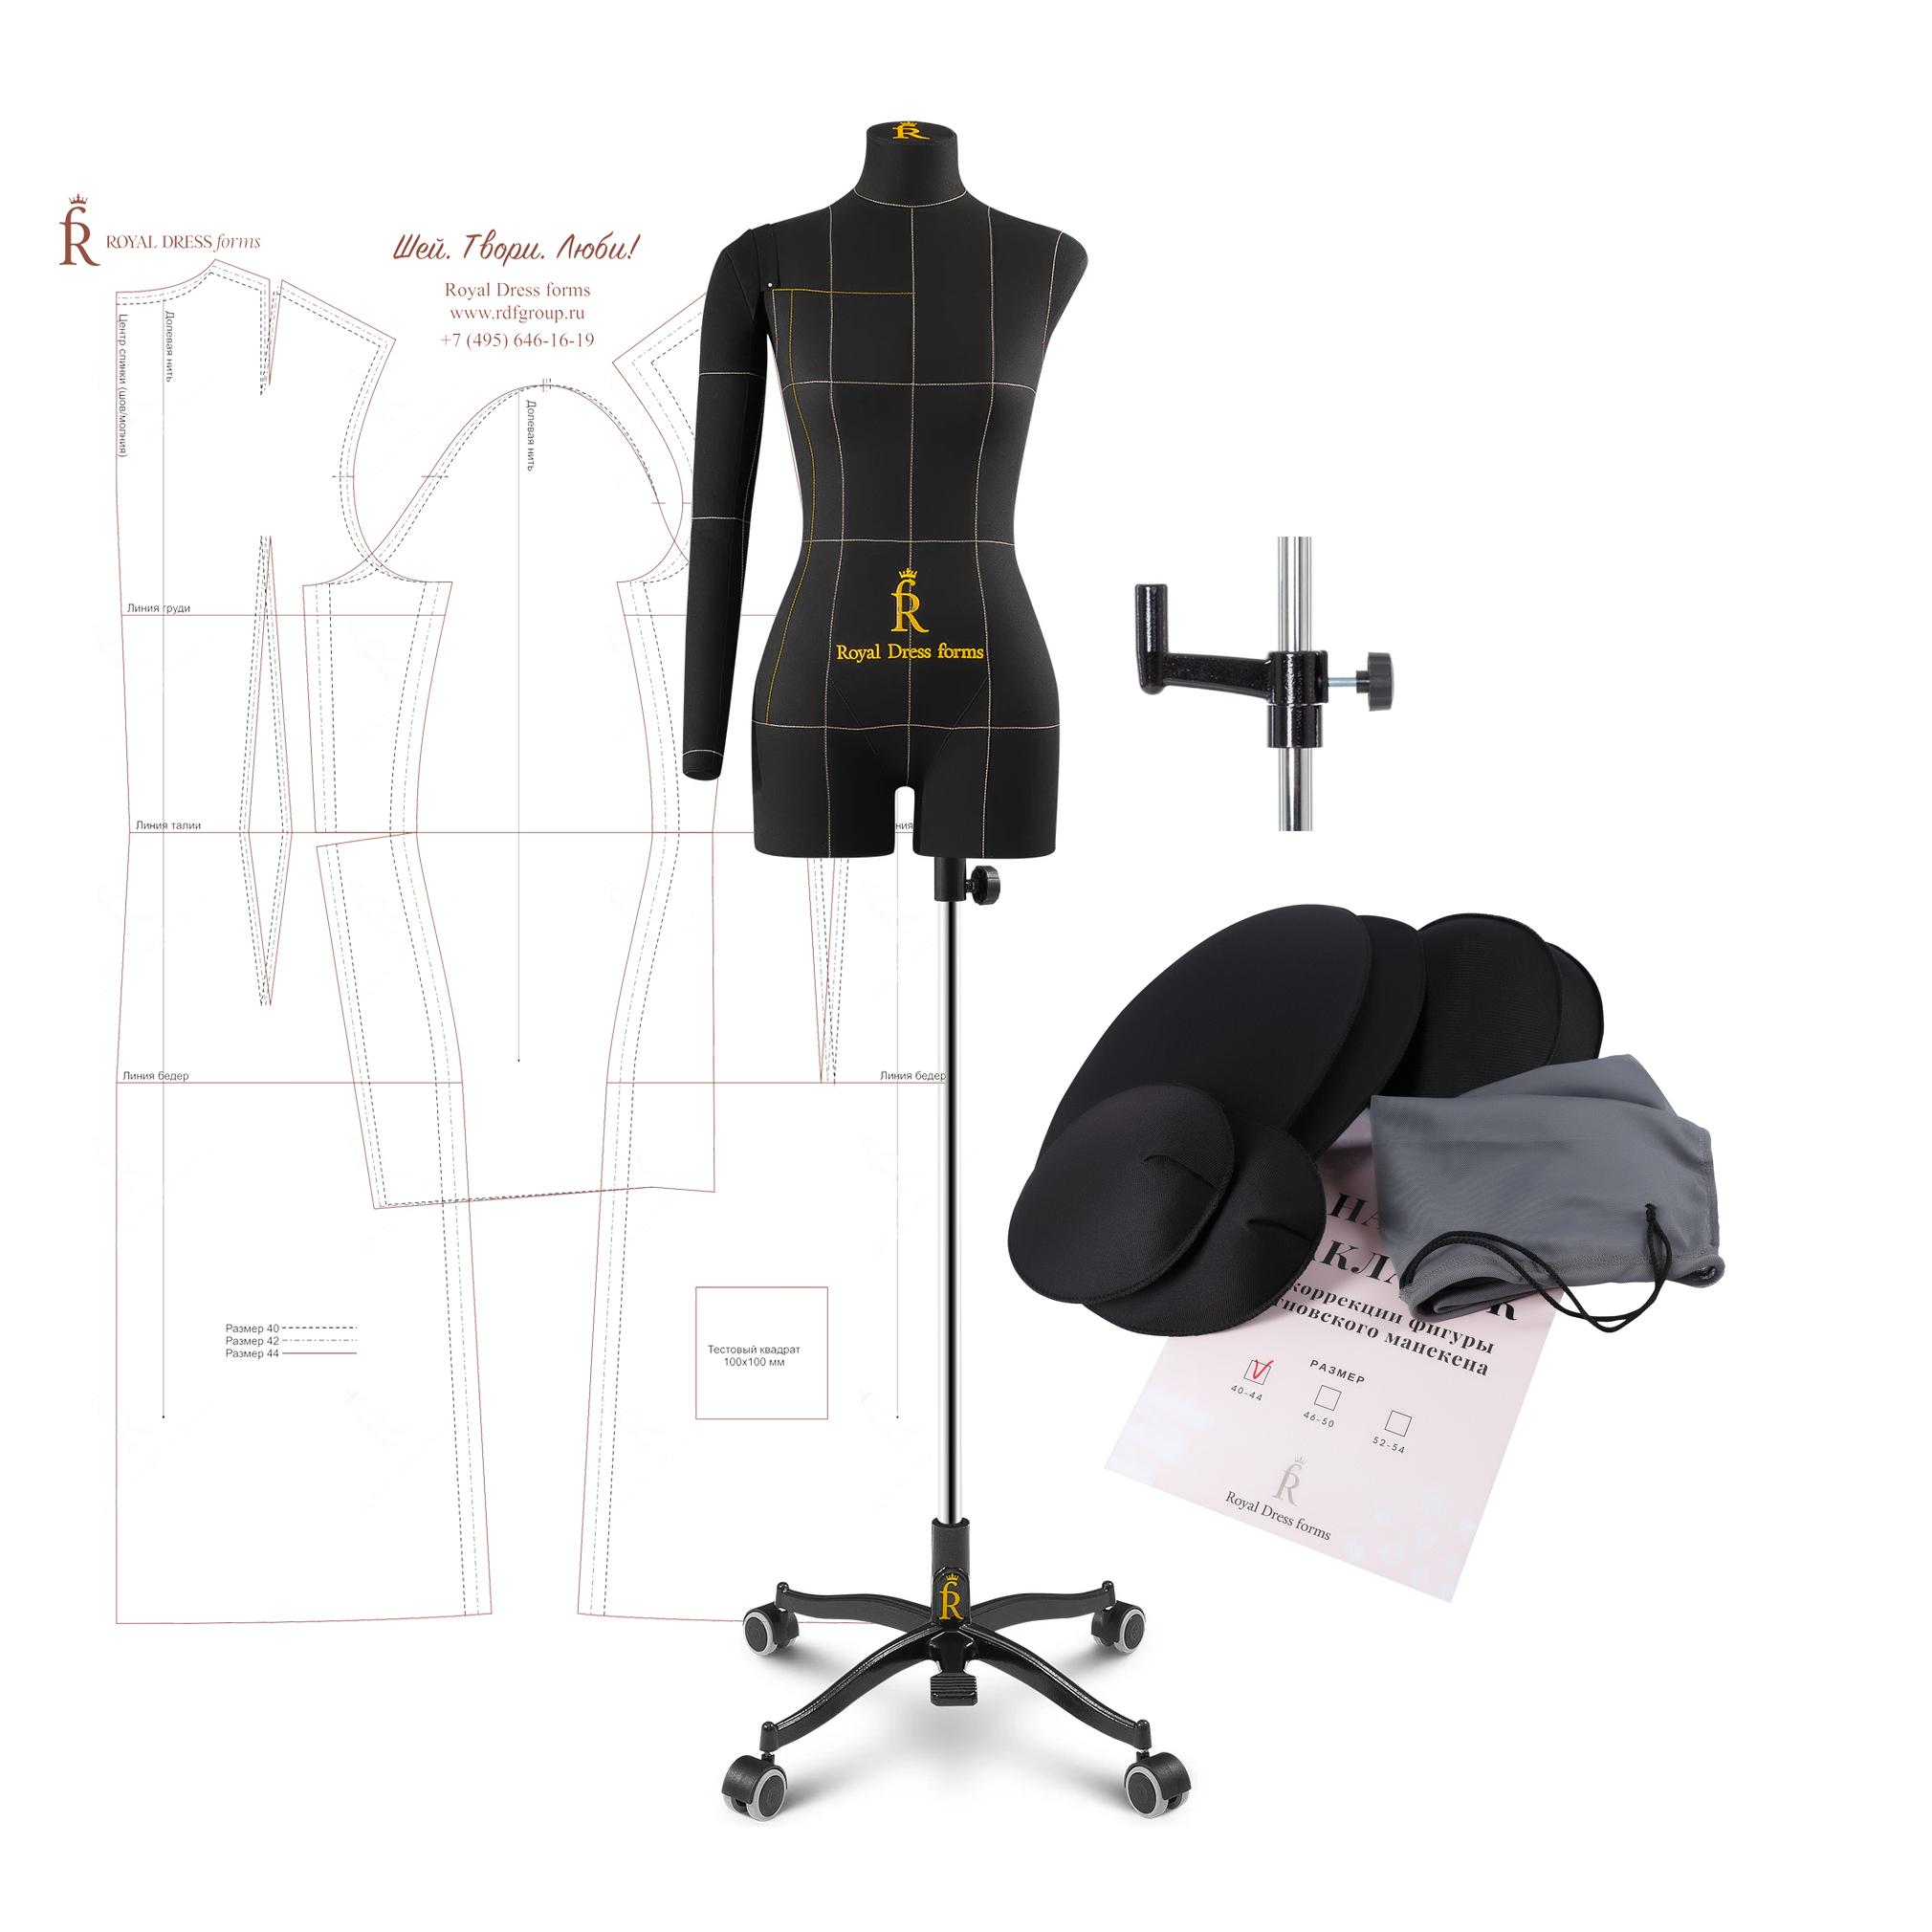 Манекен портновский Моника, комплект Премиум, размер 54, цвет чёрный, в комплекте накладки и правая рука